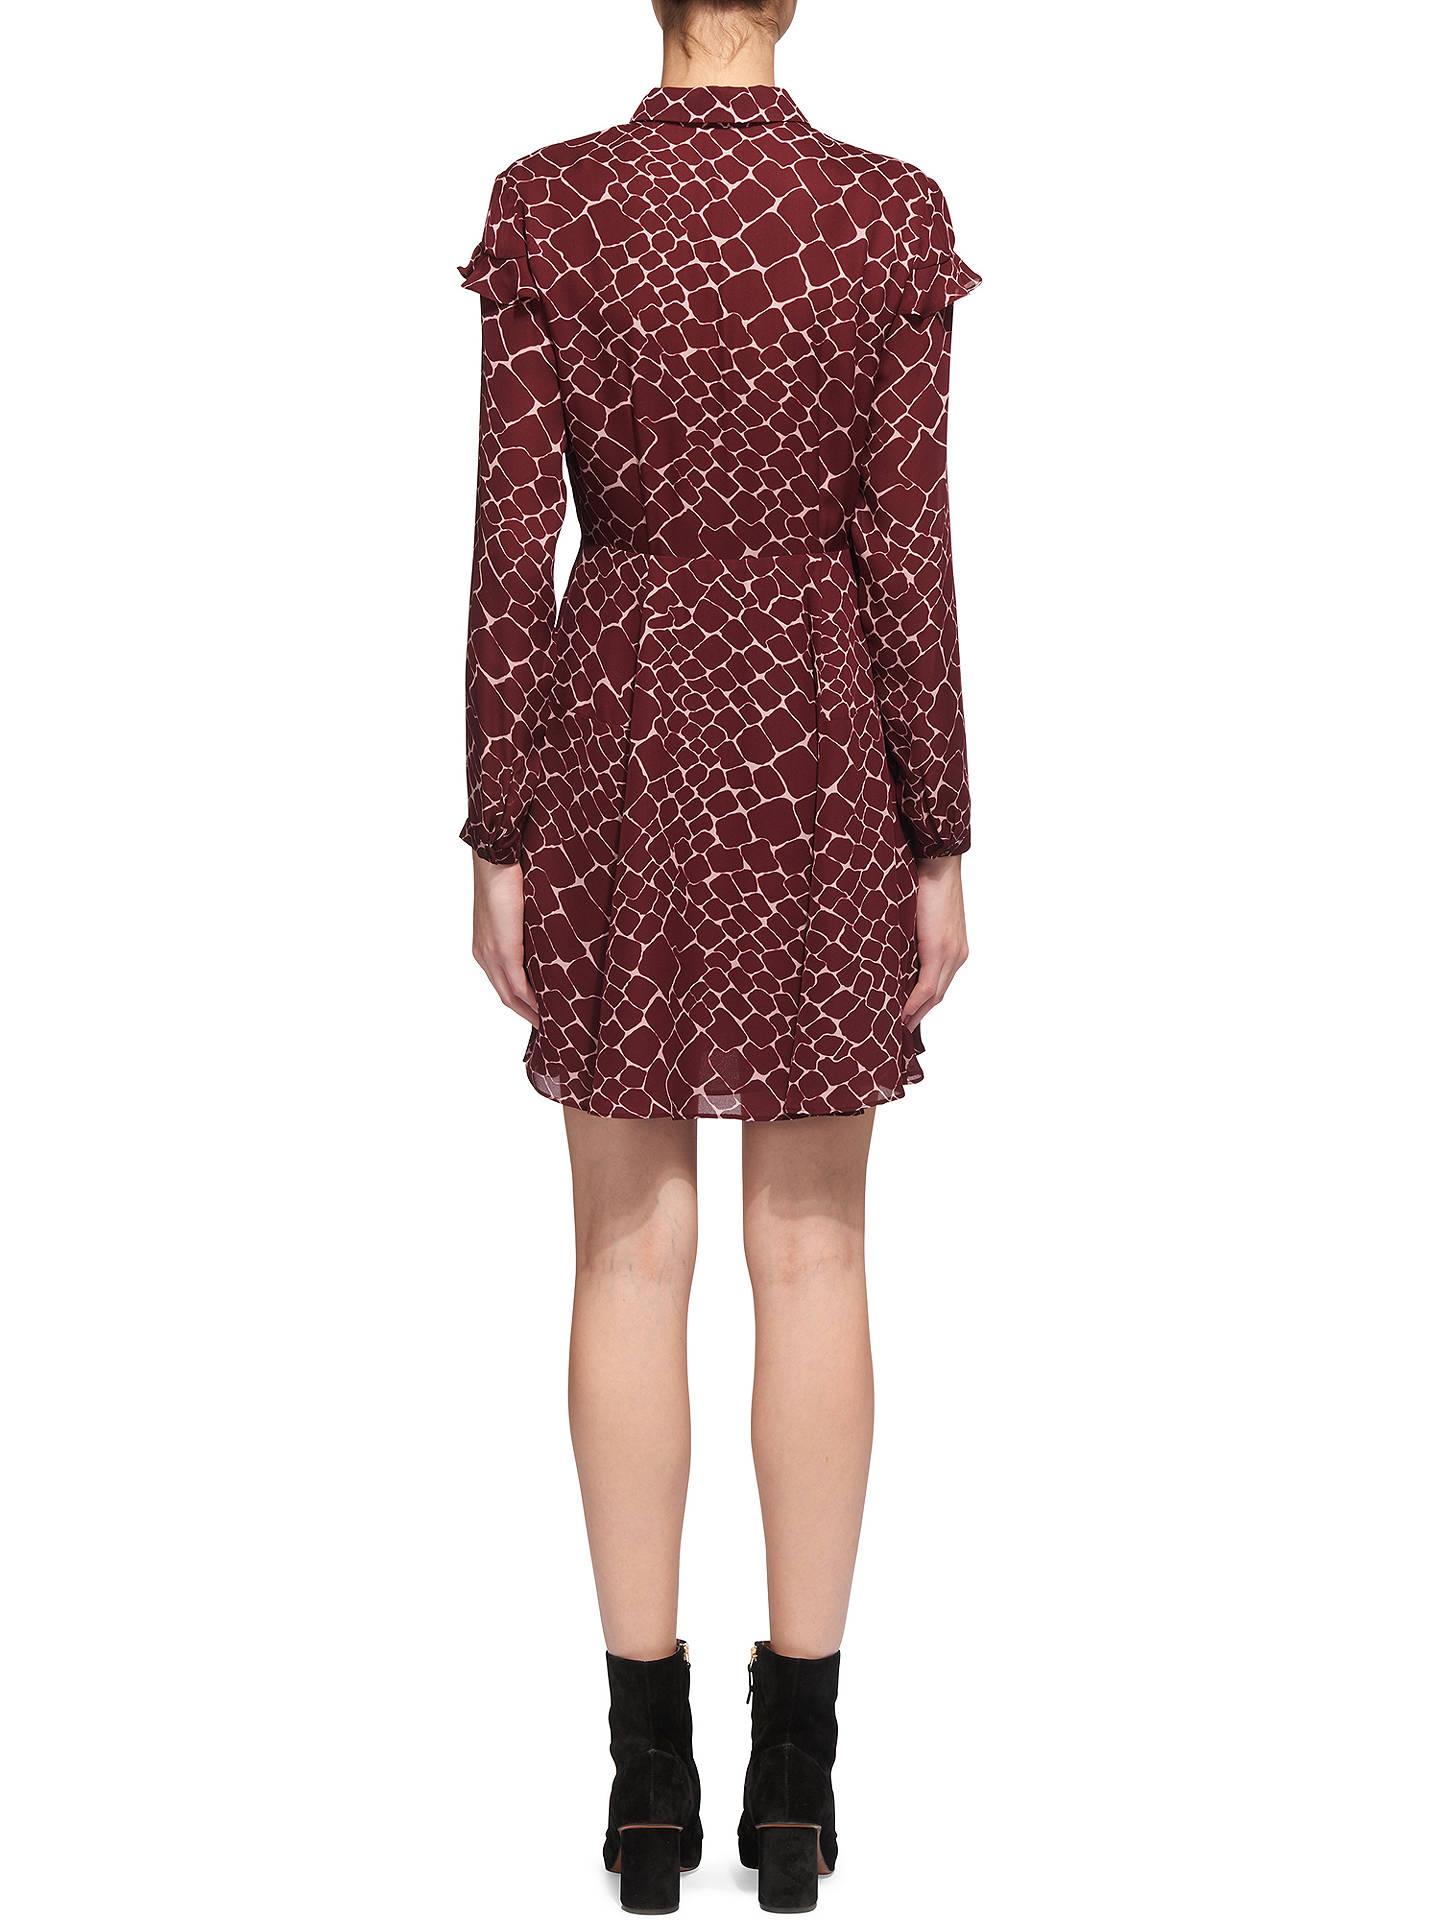 a5a4d92d27 ... BuyWhistles Giraffe Print Silk Dress